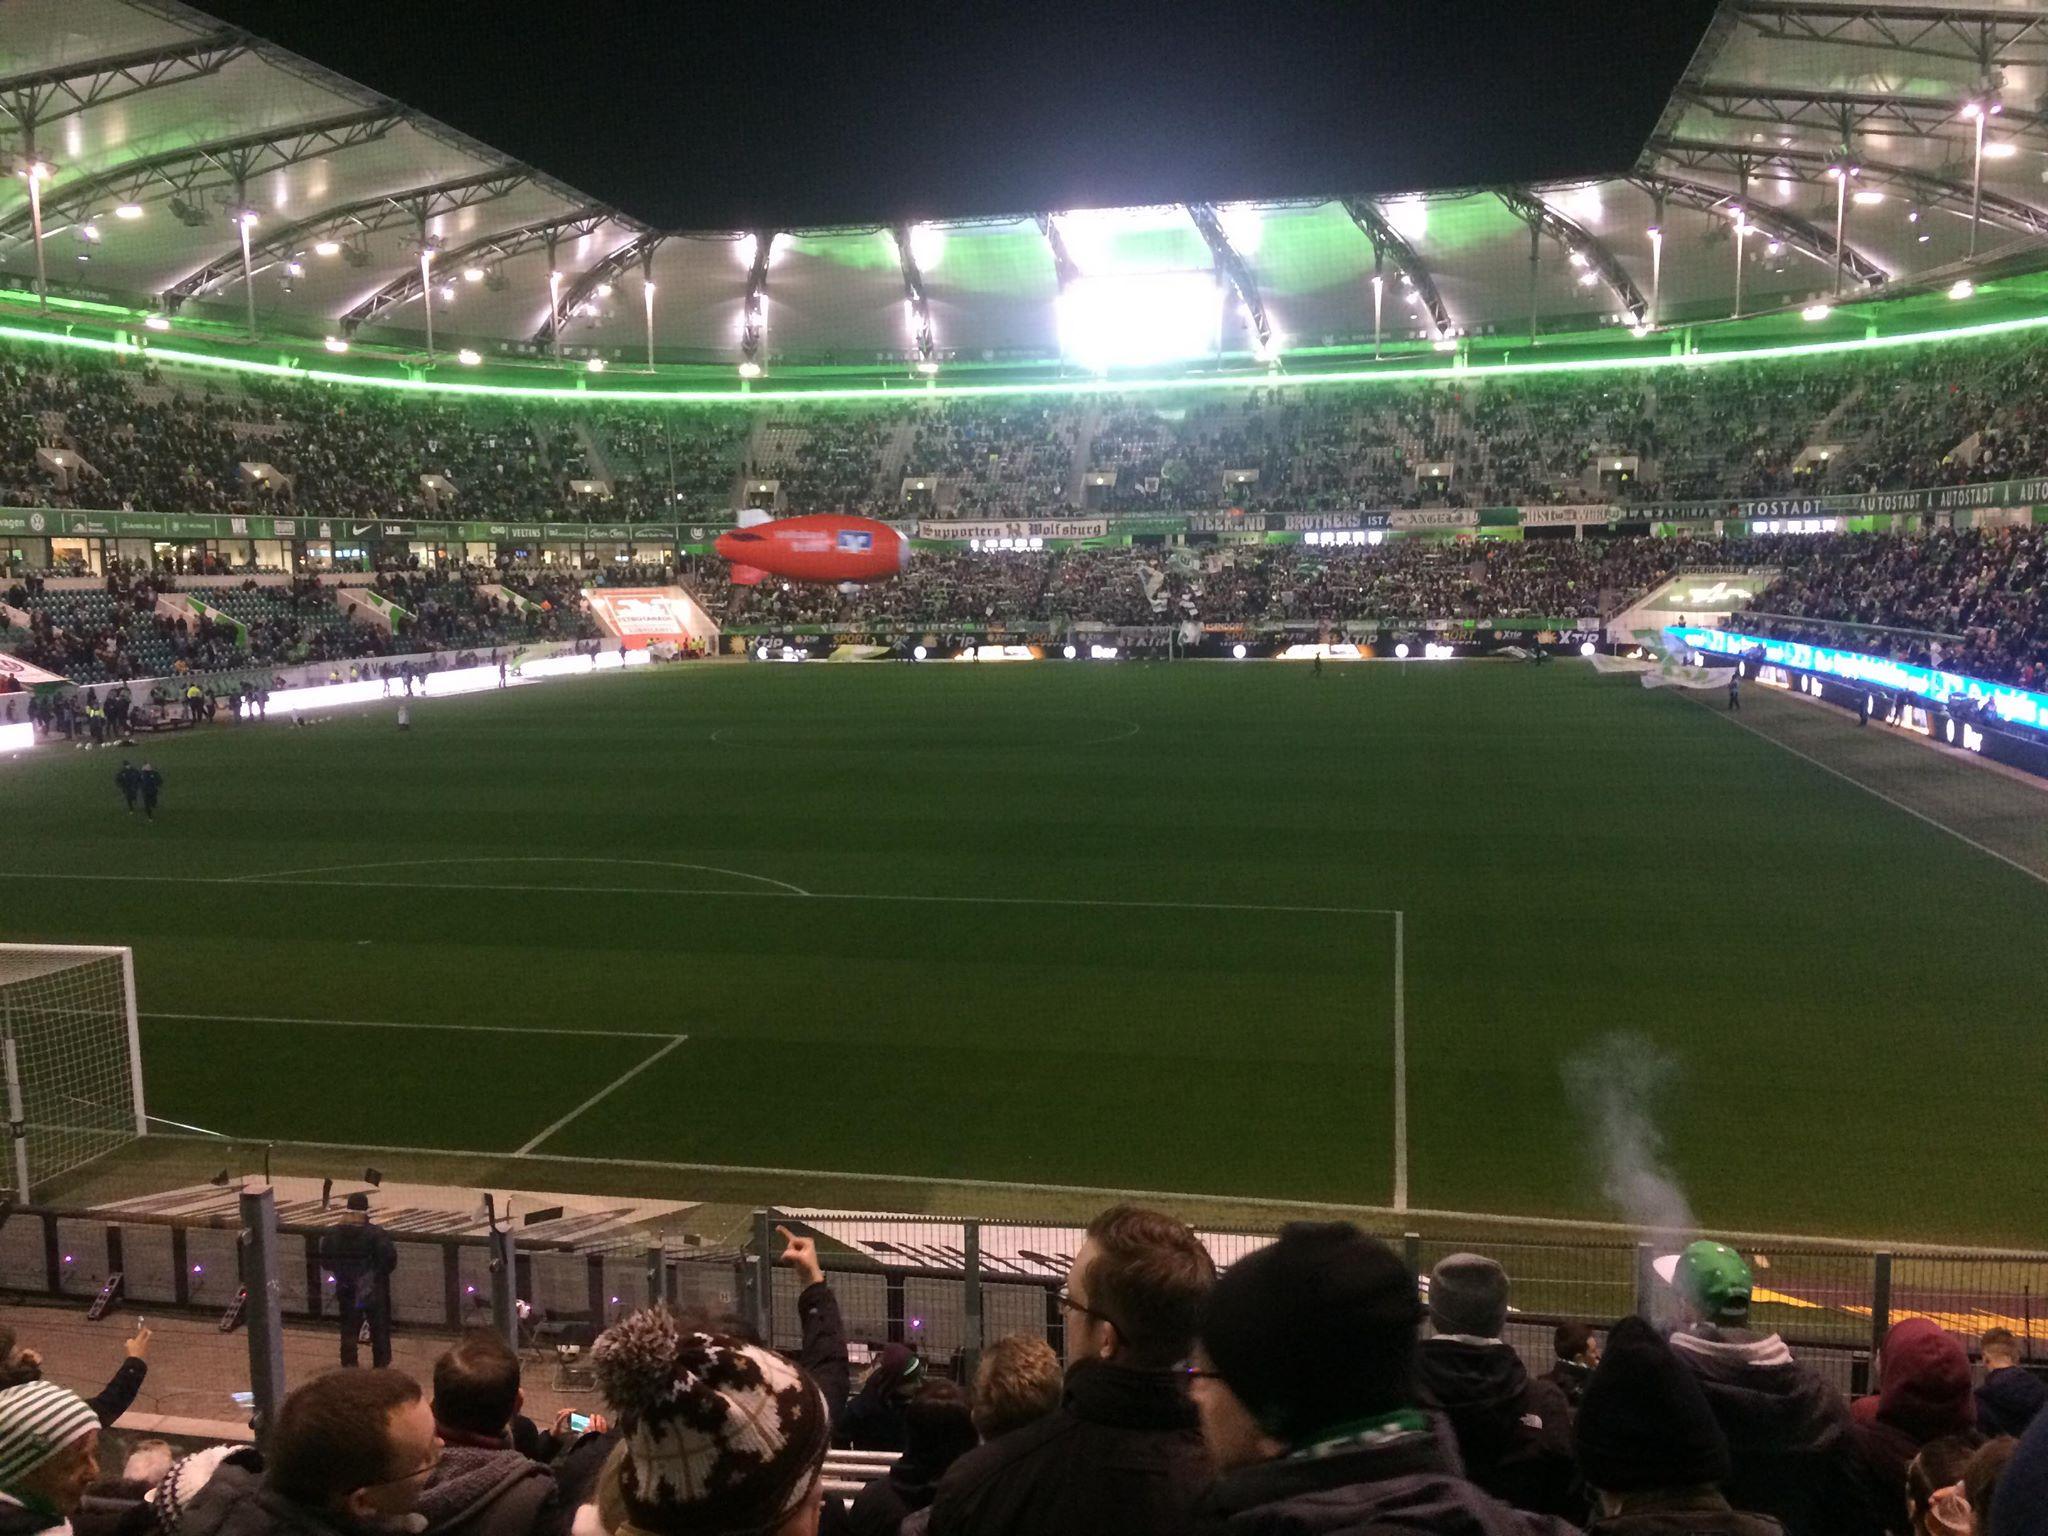 Als Profi für Wetten bzw. Wettprofi bist du viel unterwegs und kannst Fußballspiele häufig direkt im Stadion live verfolgen.